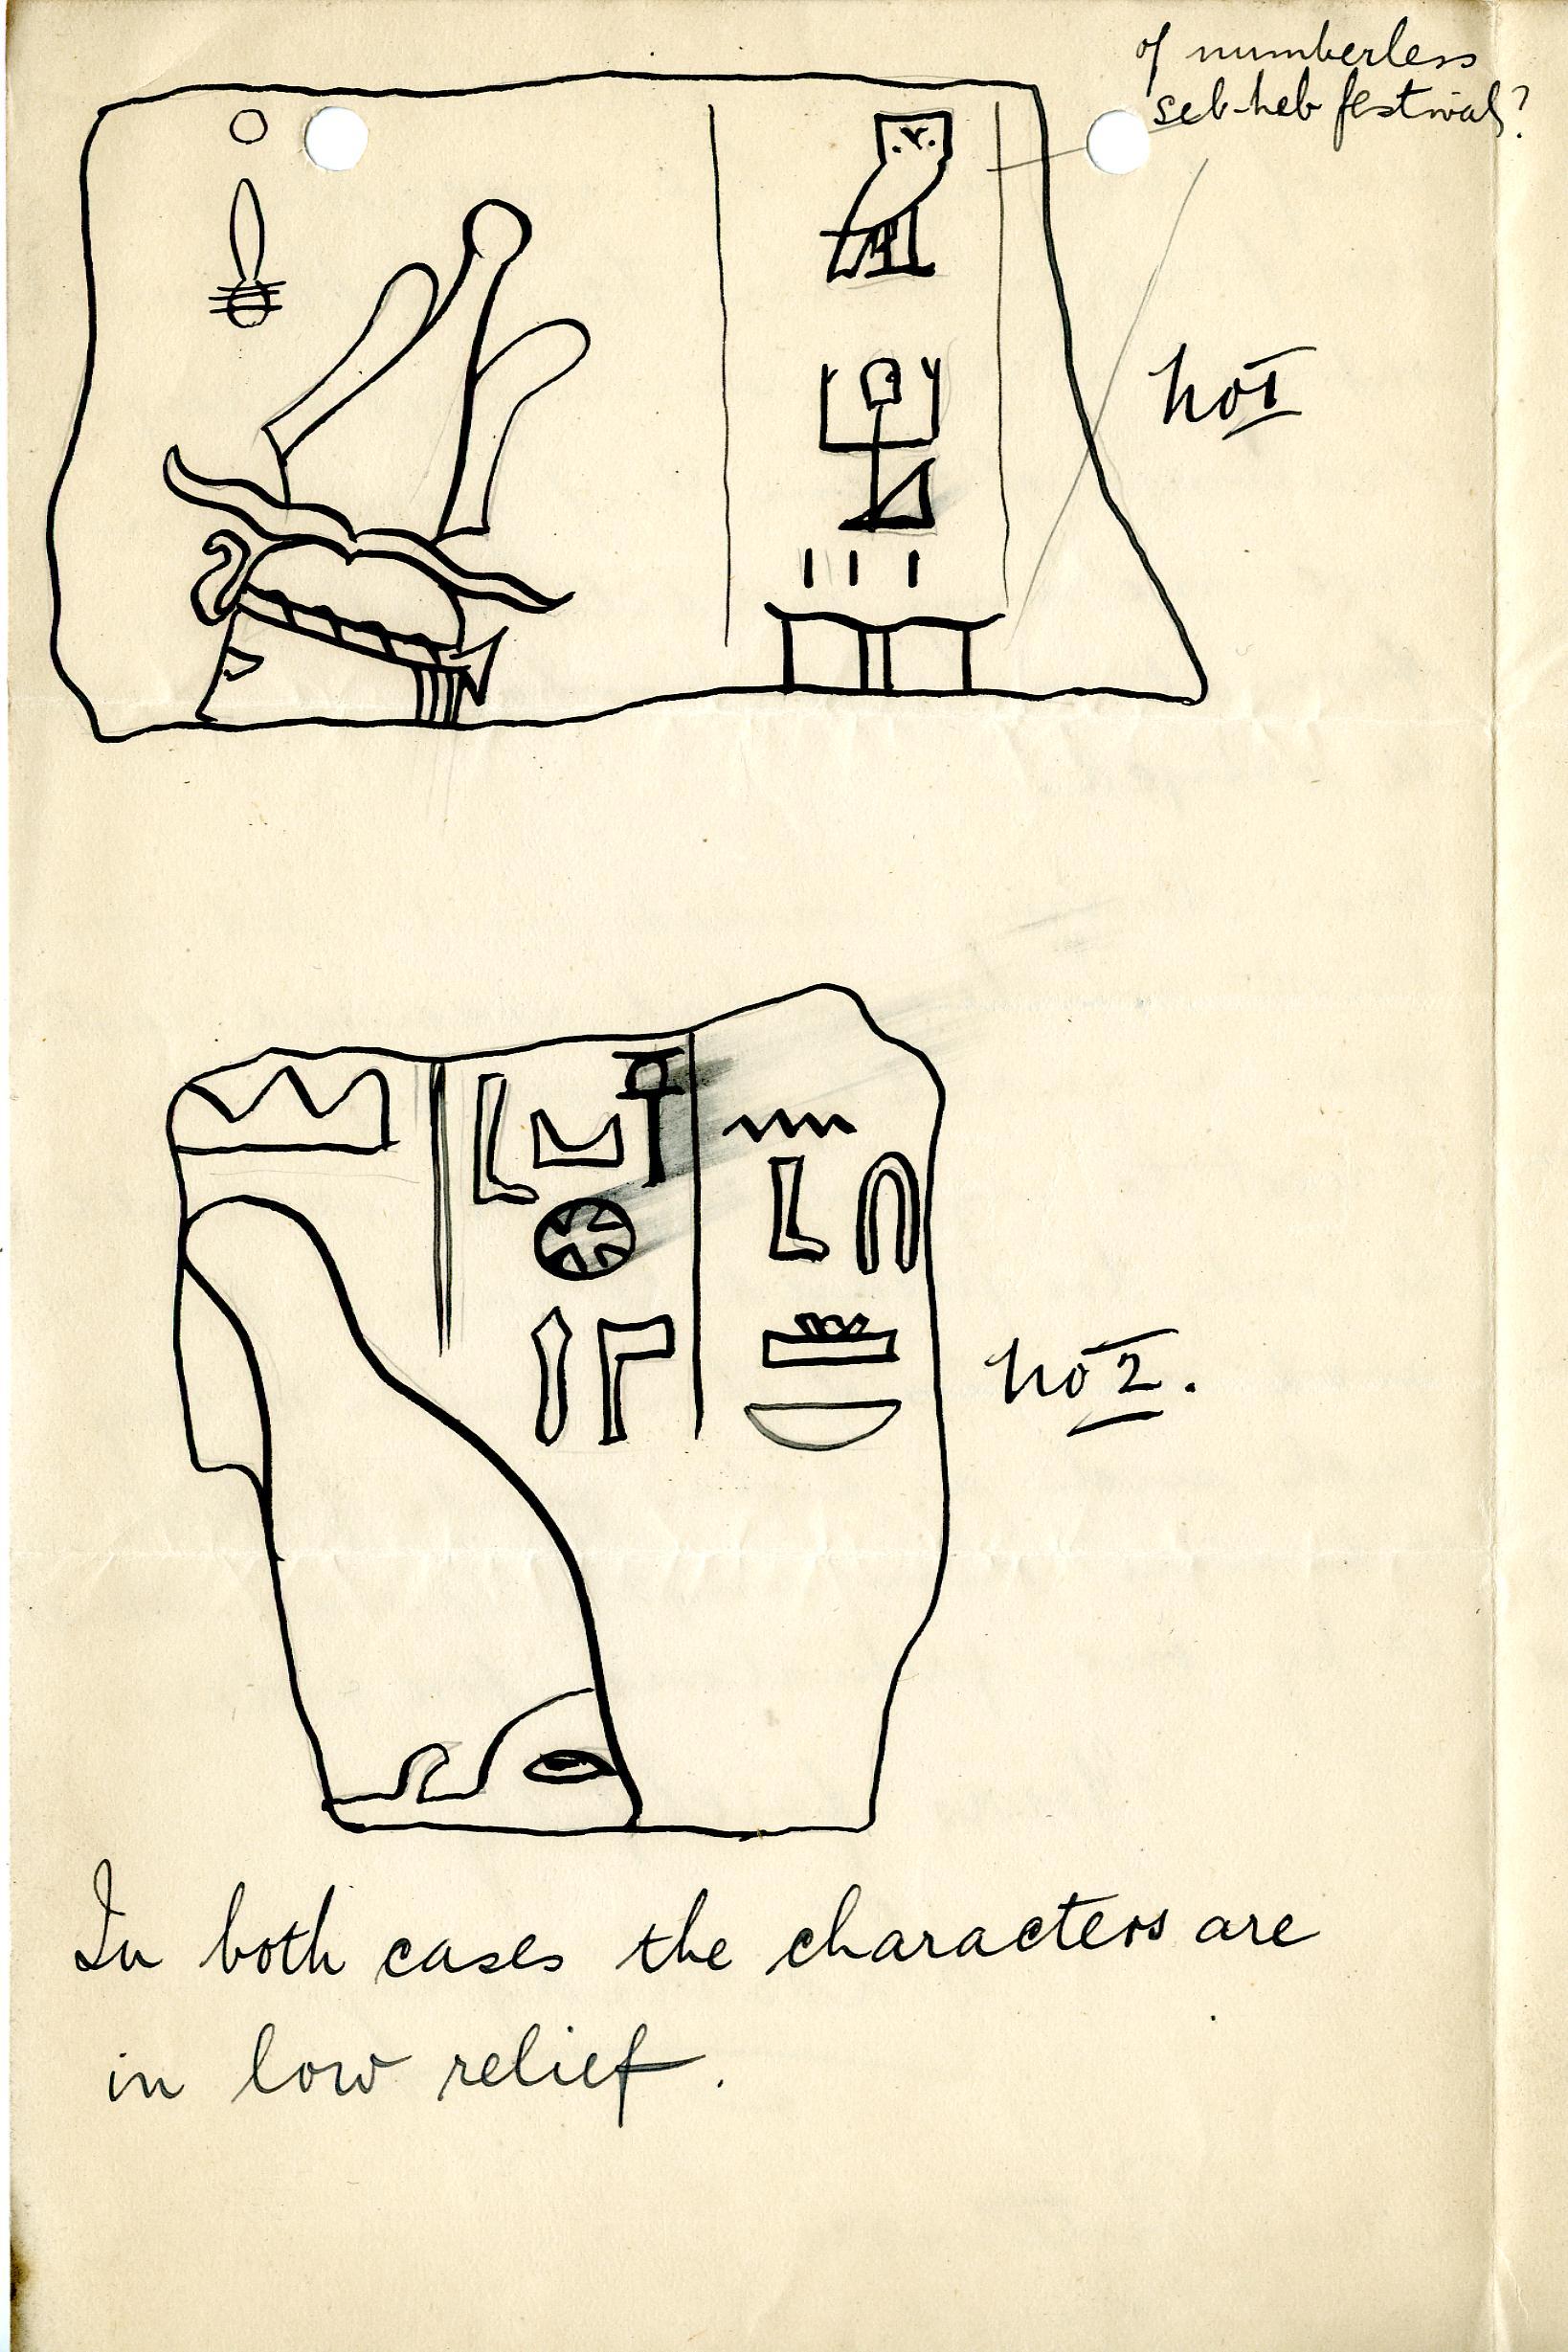 1902-04 Abydos, Deir el-Bahri, Oxyrhynchus, Ihnasya DIST.20.036c